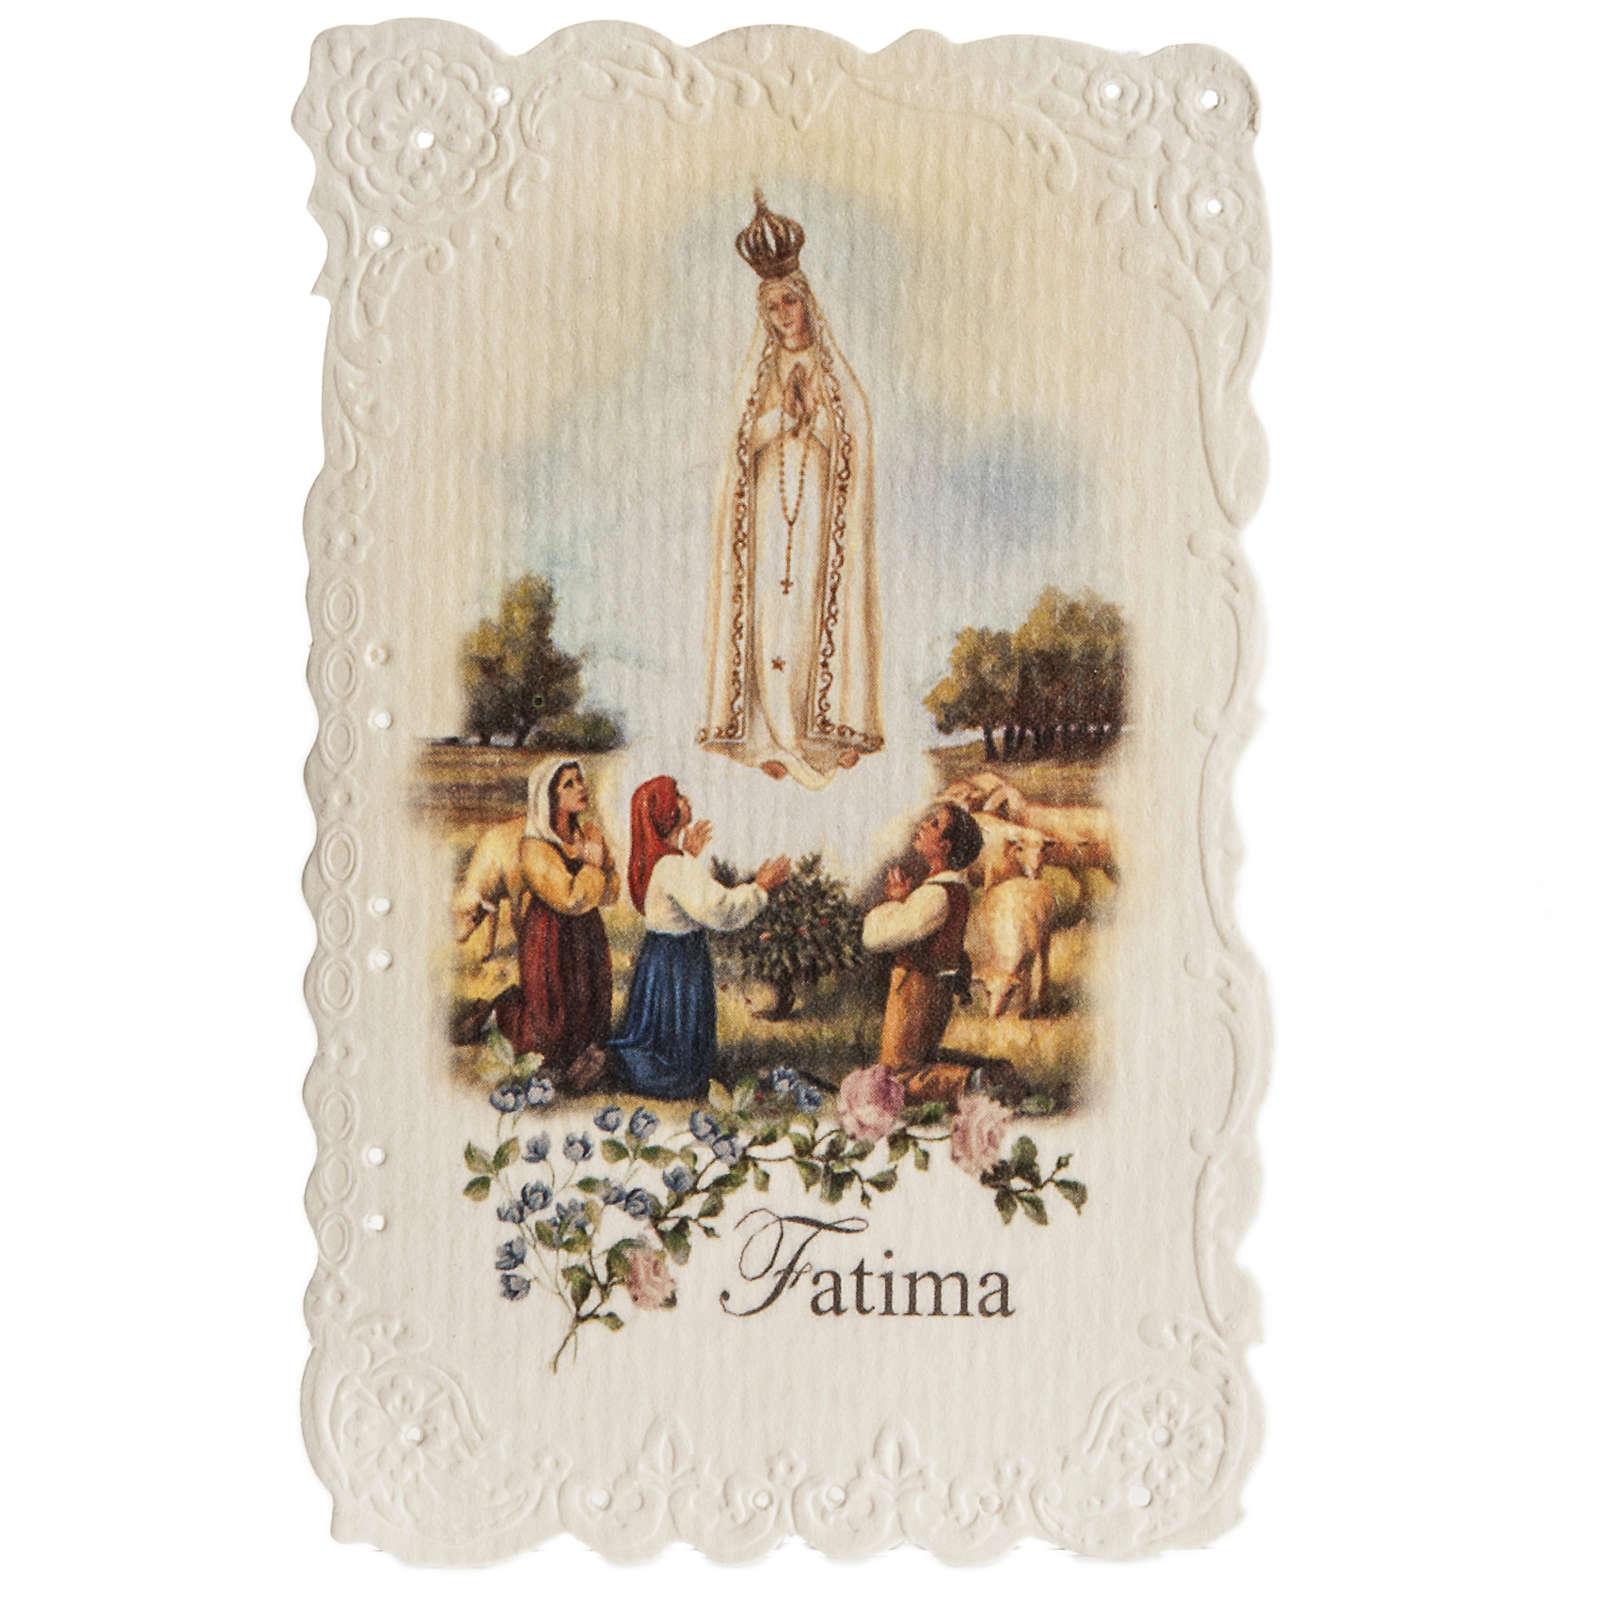 Estampa Our Lady of Fatima con oración (inglés) 4